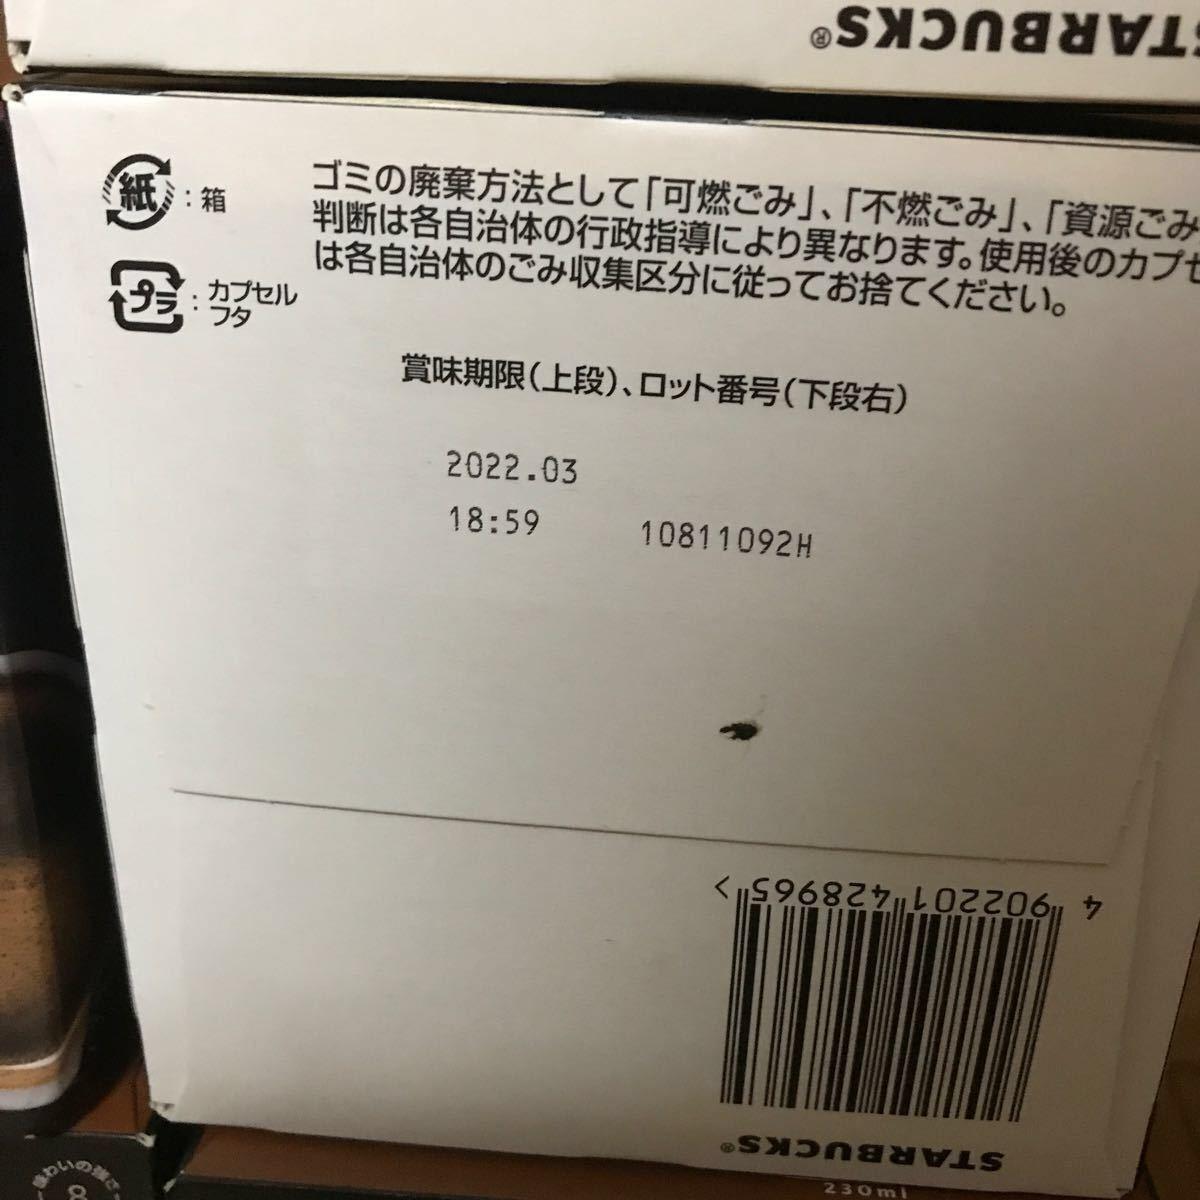 スターバックス ハウスブレンド ネスカフェ ドルチェ グスト 専用カプセル 12個 ×12箱